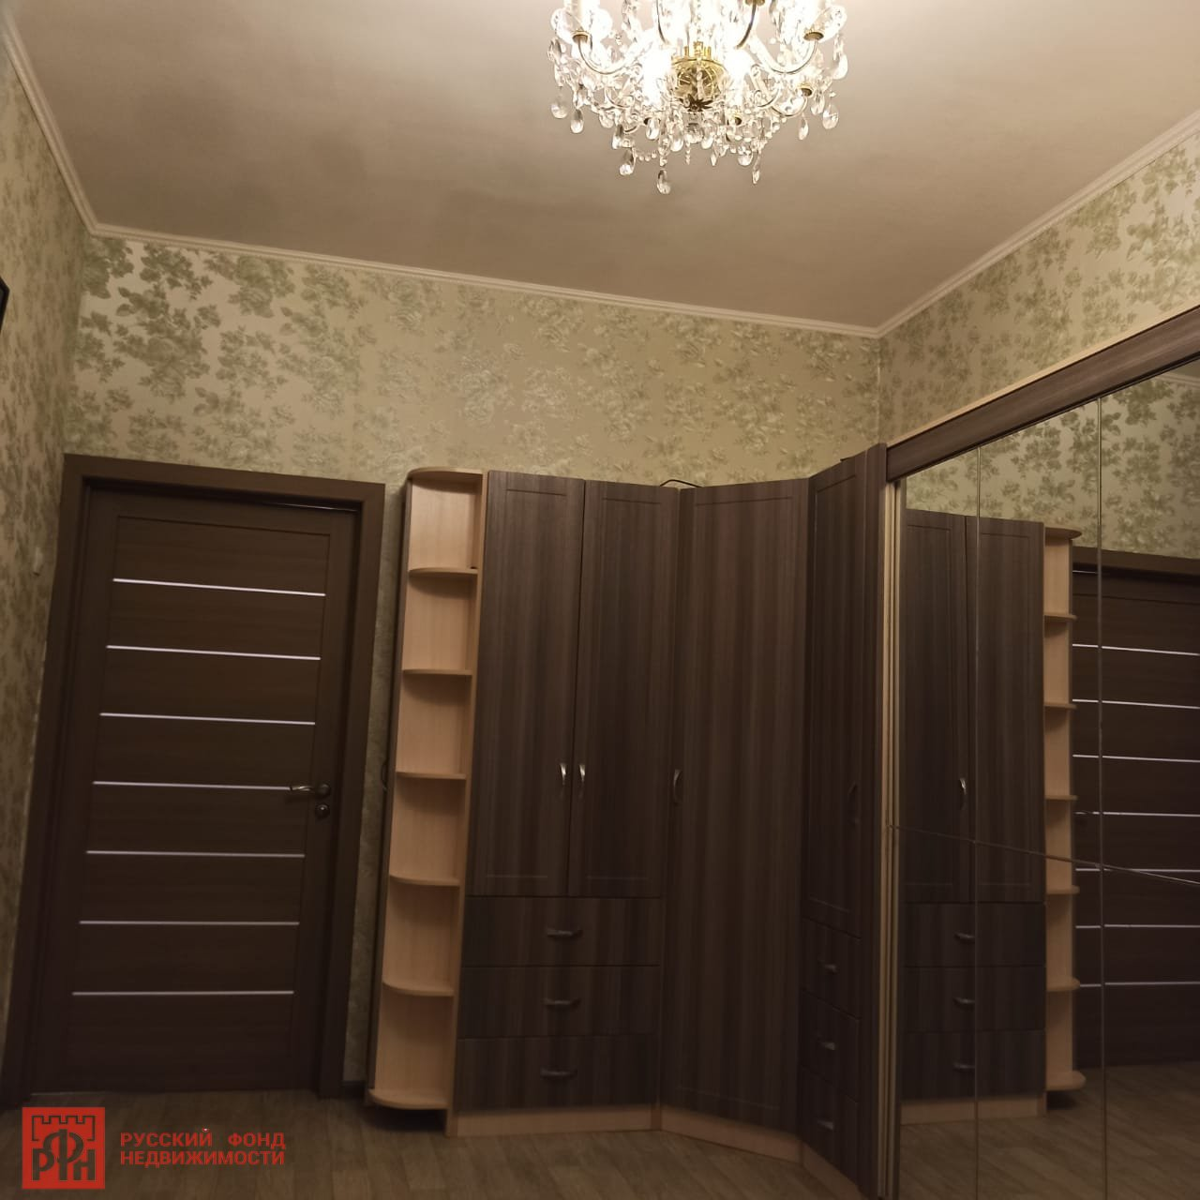 Днепропетровская ул., д 59,  лит. А